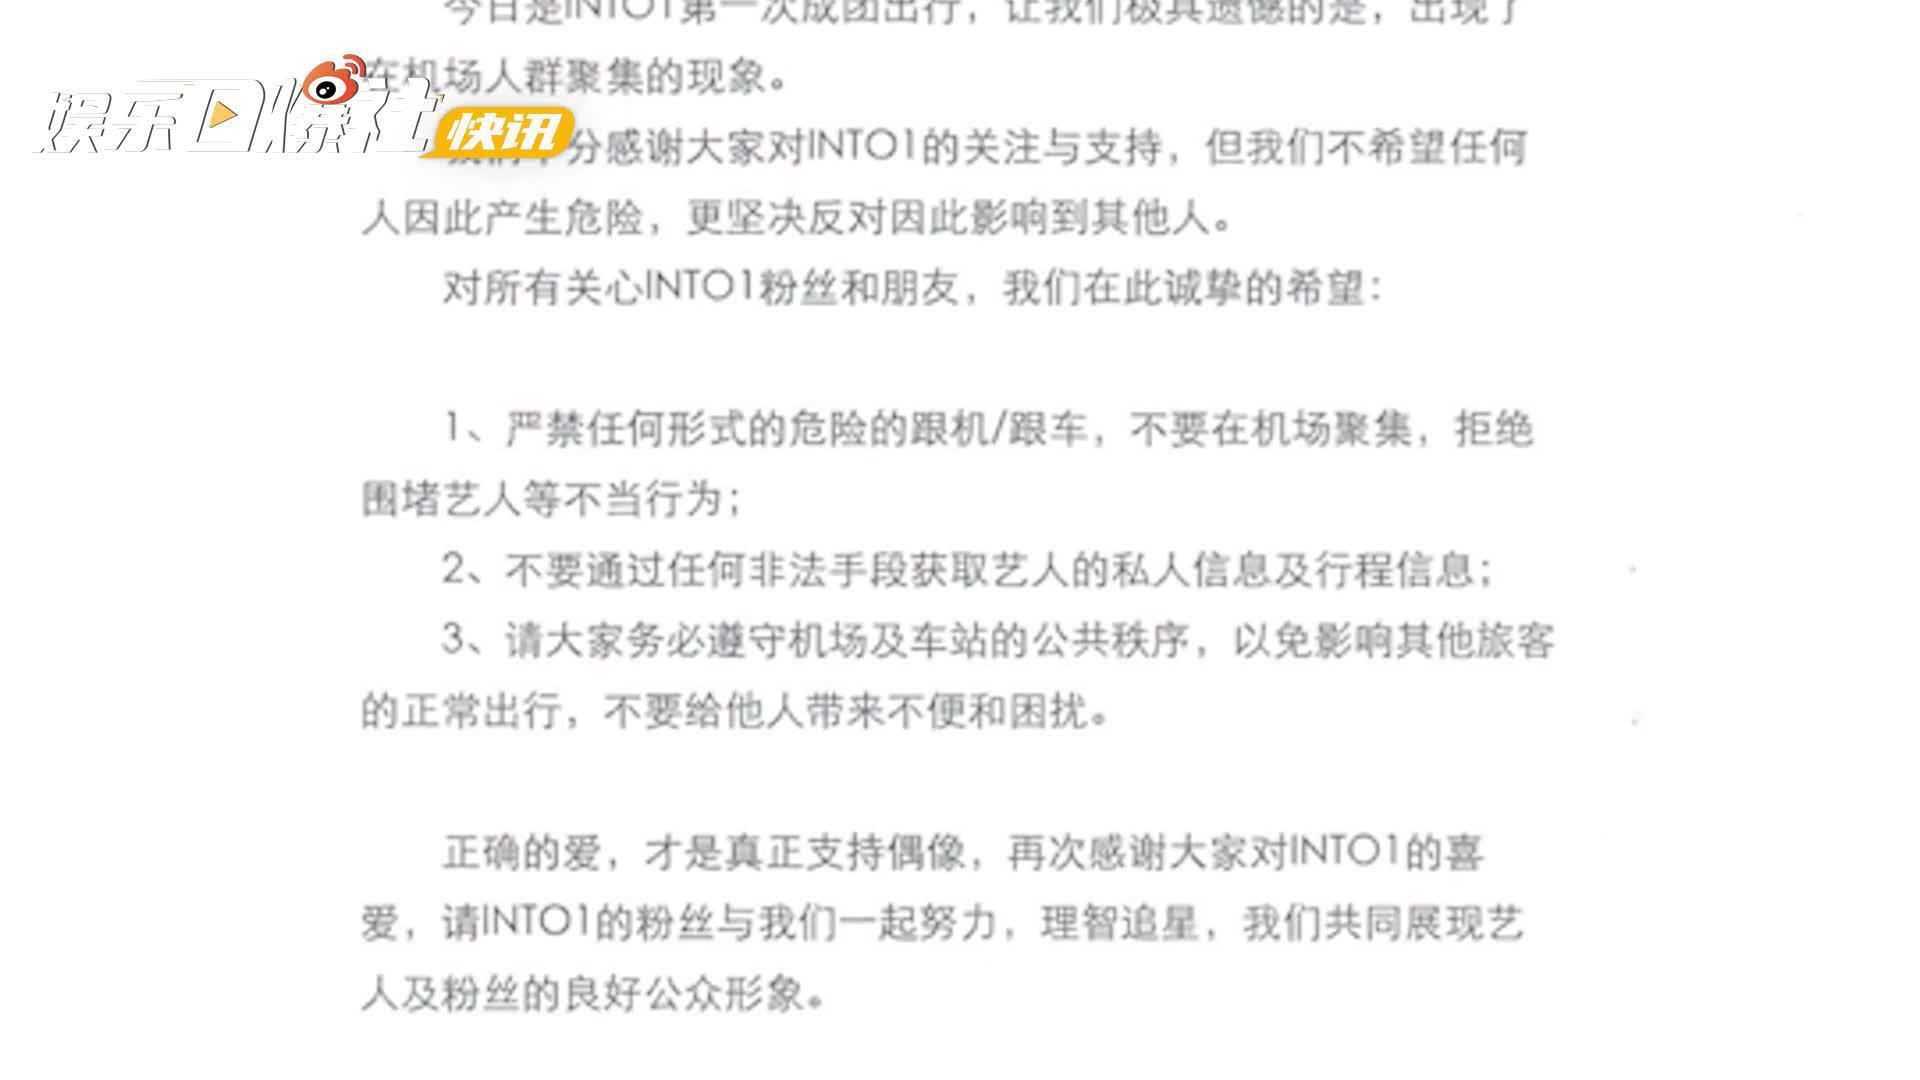 车田正美:读懂中国货币政策需搞清三个问题APP